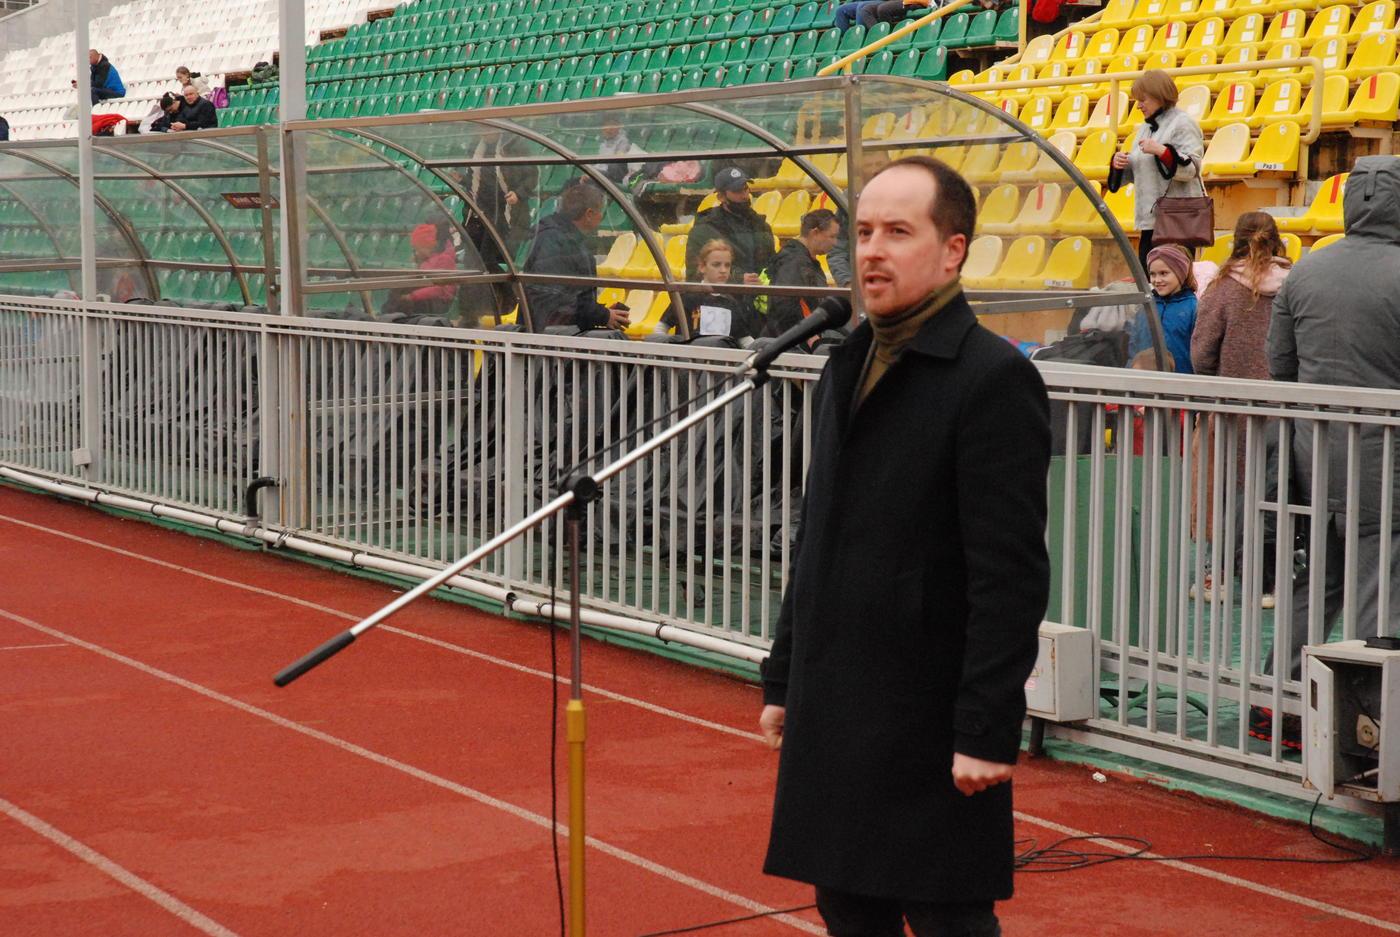 Министр спорта Краснодарского края: Отбор в академию «Краснодара» очень жесткий, но Галицкий делает благое дело для всего края - фото